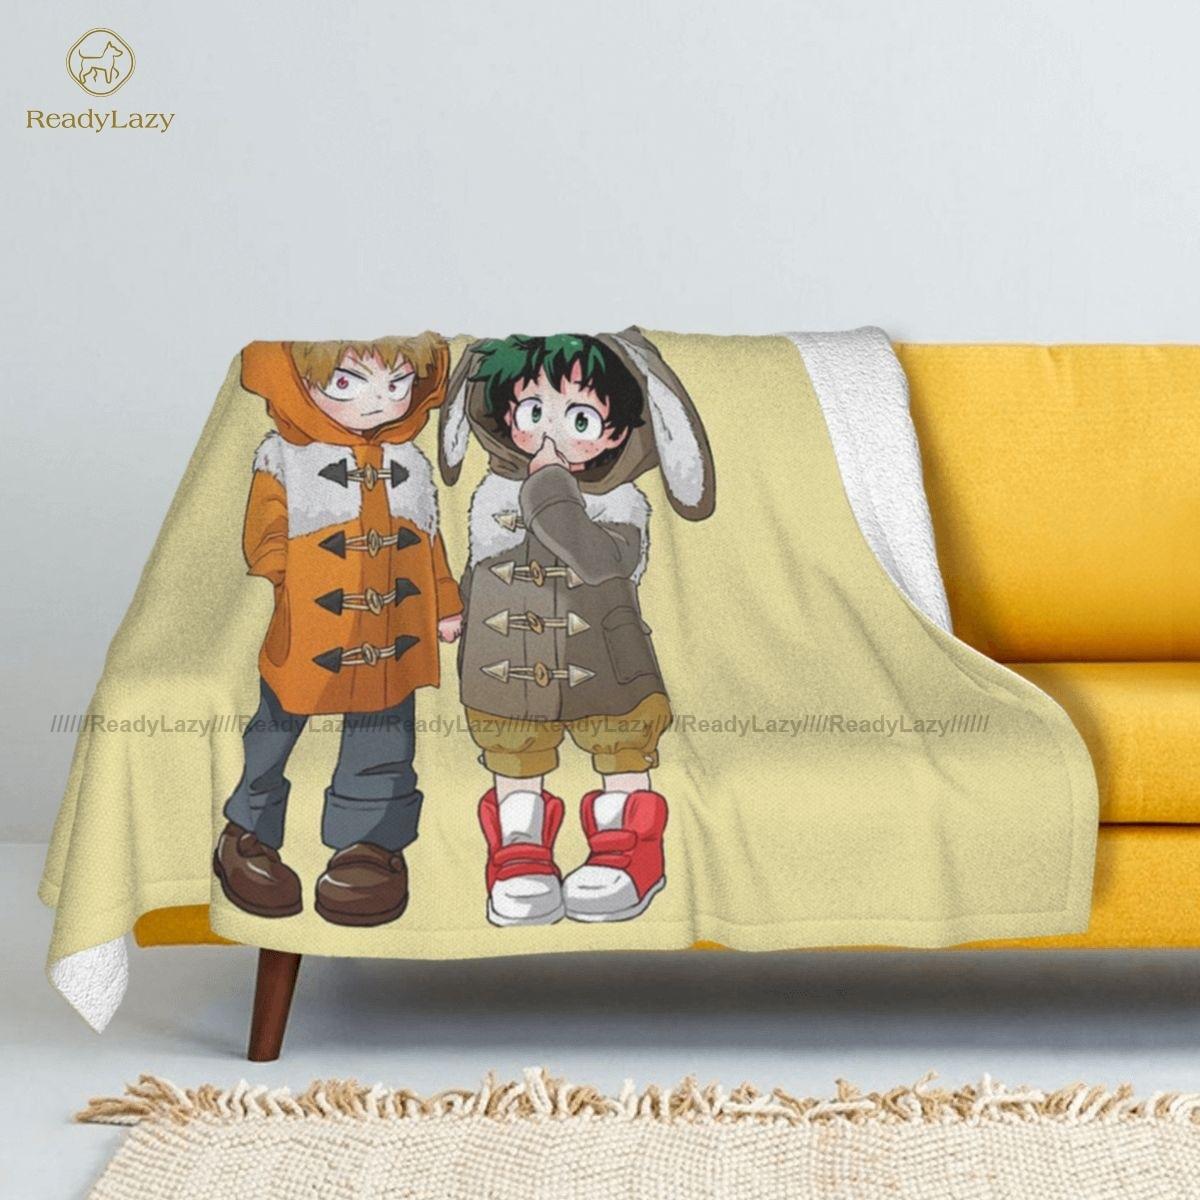 Mha بطانية سرير من الصوف, ناعمة ، كبيرة ، رخيصة